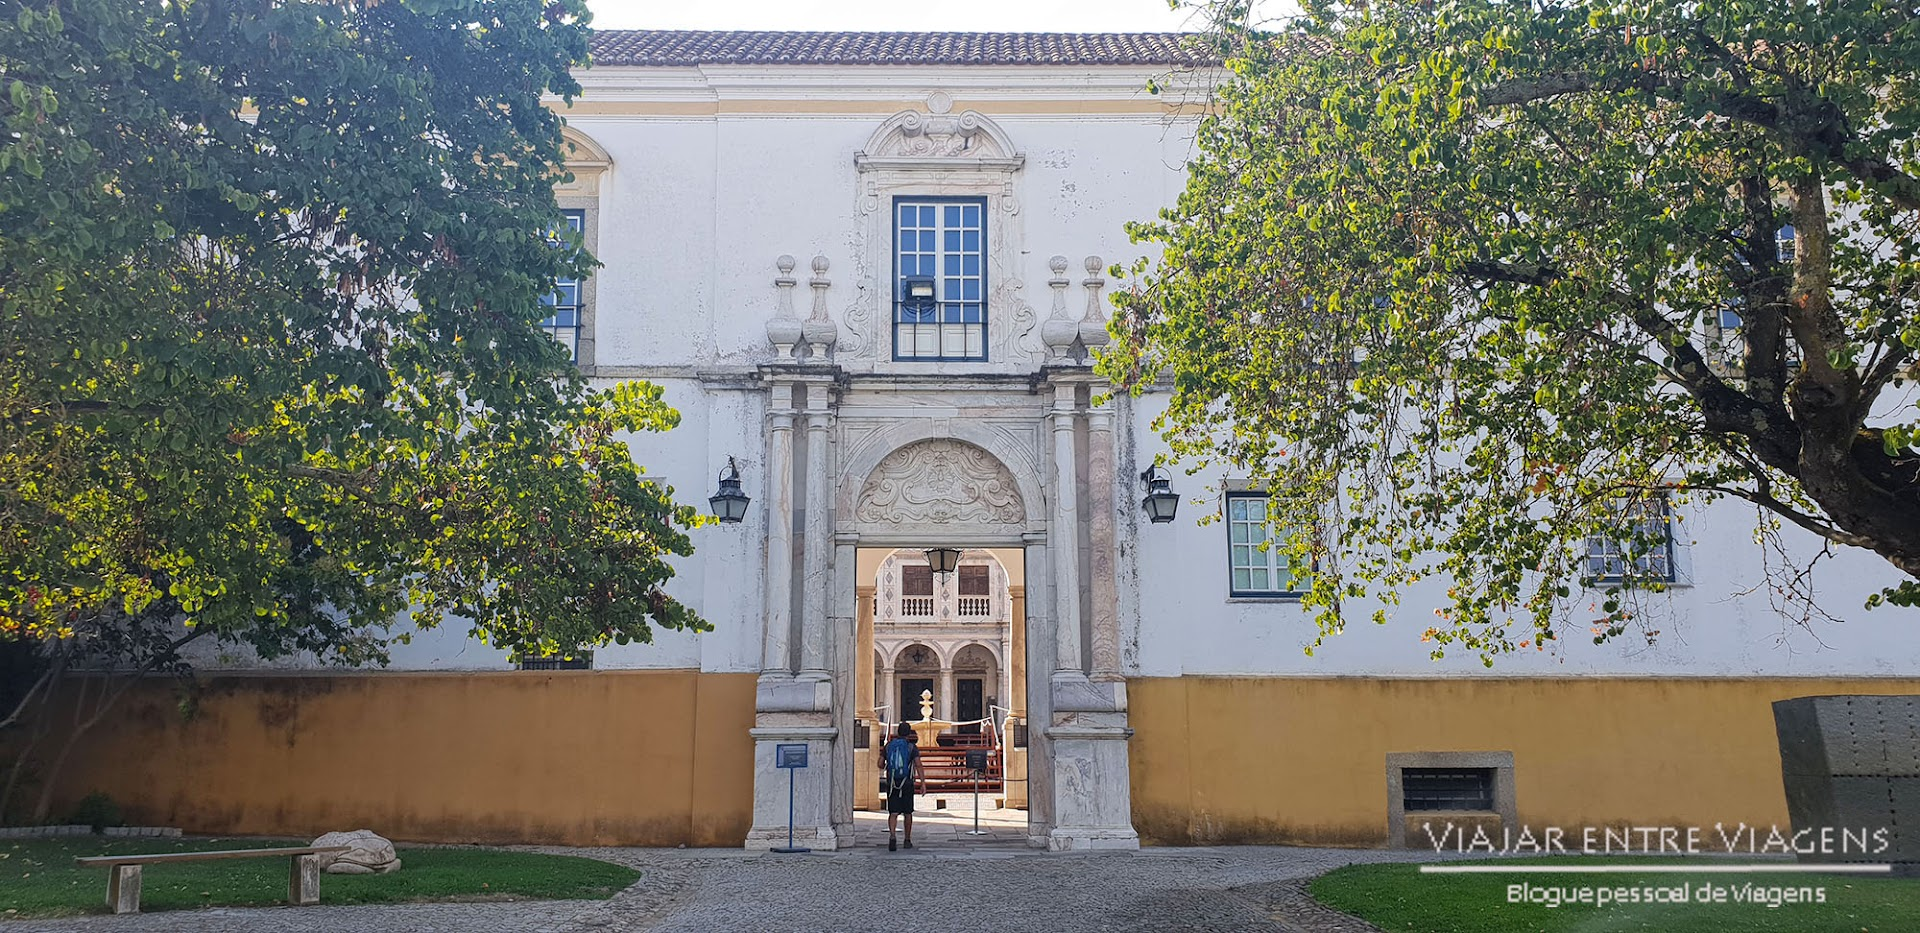 Universidade de Évora - VISITAR ÉVORA, o que ver e fazer na cidade-museu, Património Mundial da UNESCO